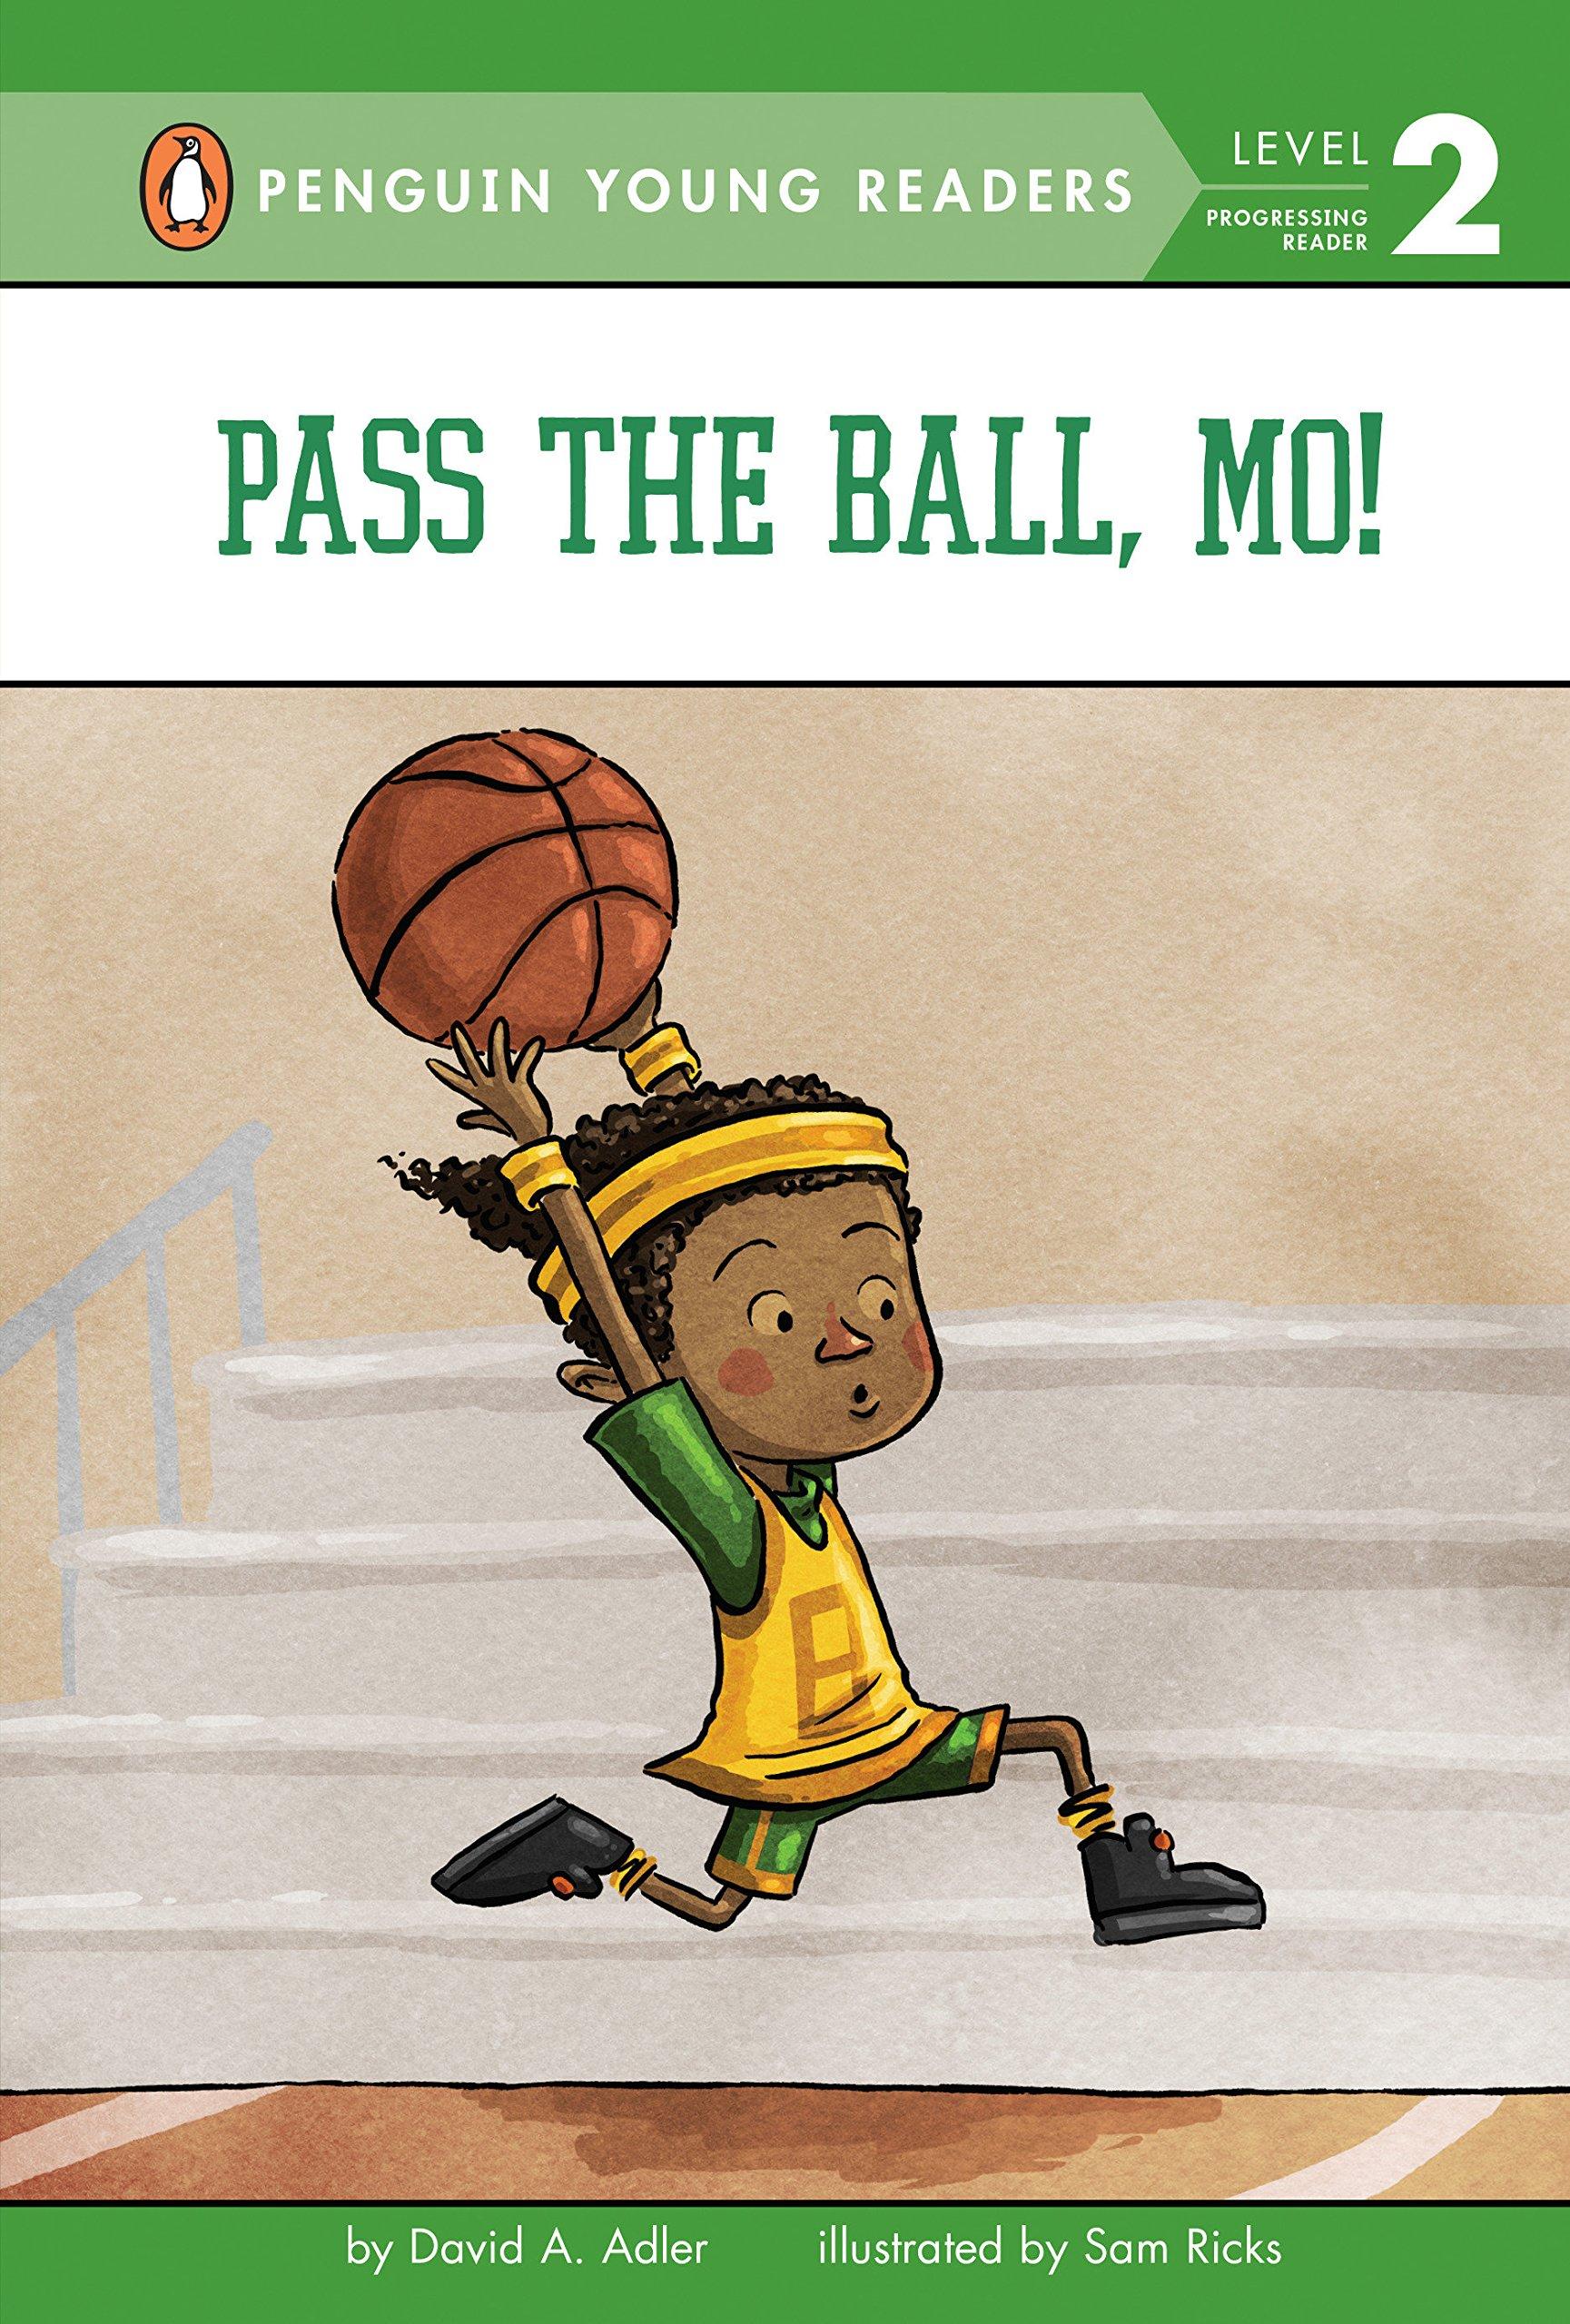 Amazon.com: Pass the Ball, Mo! (Mo Jackson) (9780425289785): Adler, David A., Ricks, Sam: Books